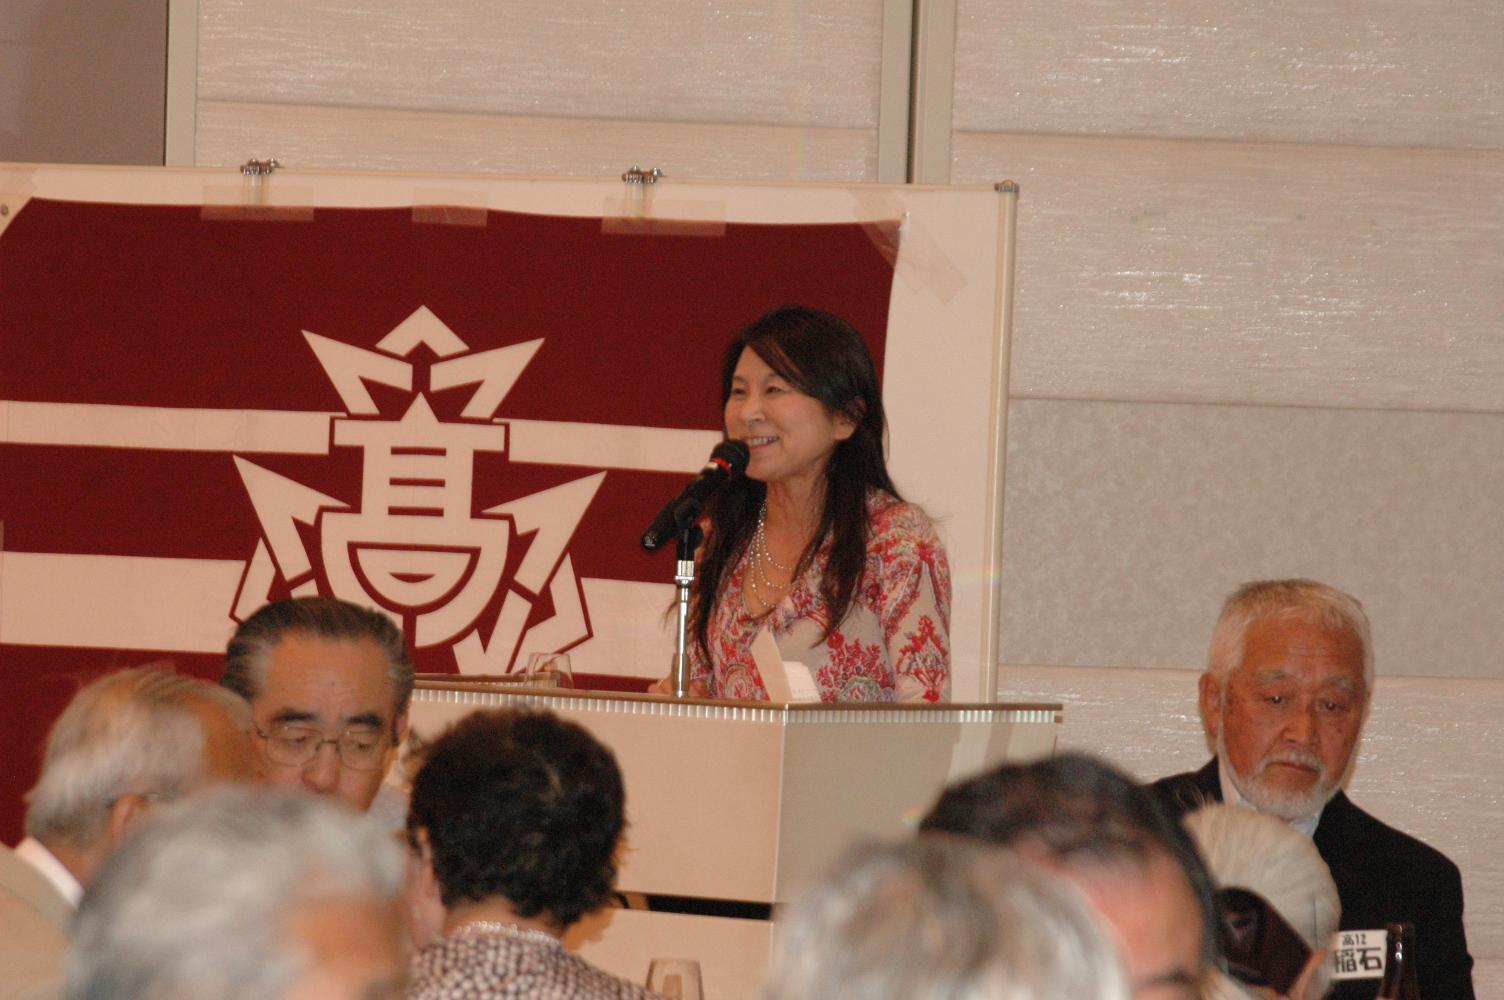 司会はいつもの高29回 上林久美子さん 5次会まで続きました